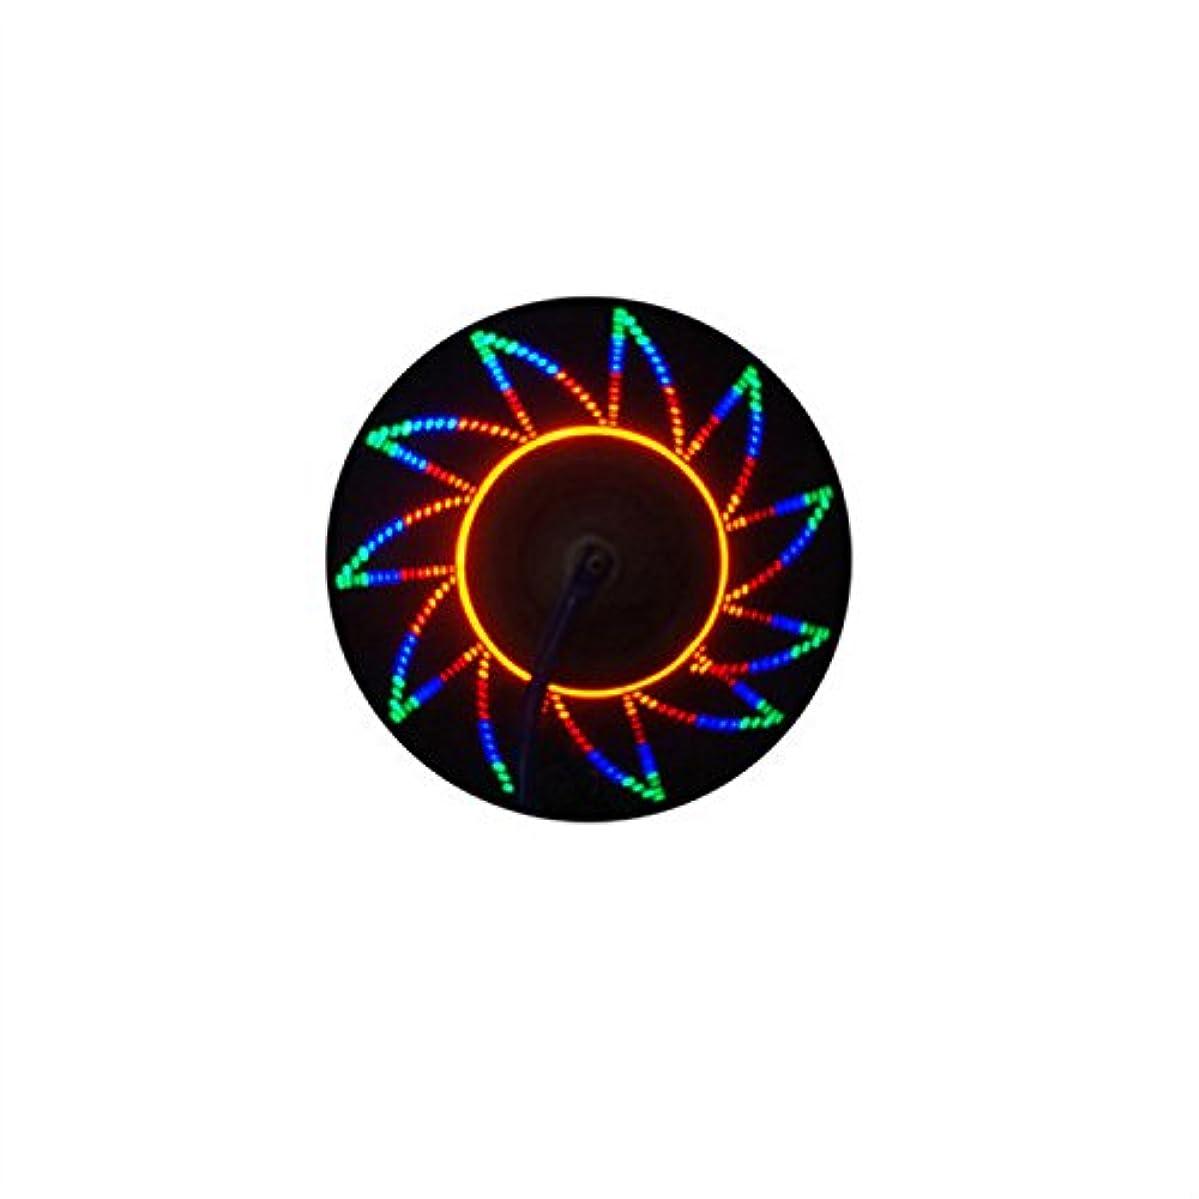 お風呂を持っている安全有毒Ligangam 自転車ホイールライト ランプ LEDスポークライト サイクル用デコレーションランプ 夜道安全&事故防止 取付簡単 32つの模様変化 3秒間 防水IP55 オシャレ ユニーク 人気